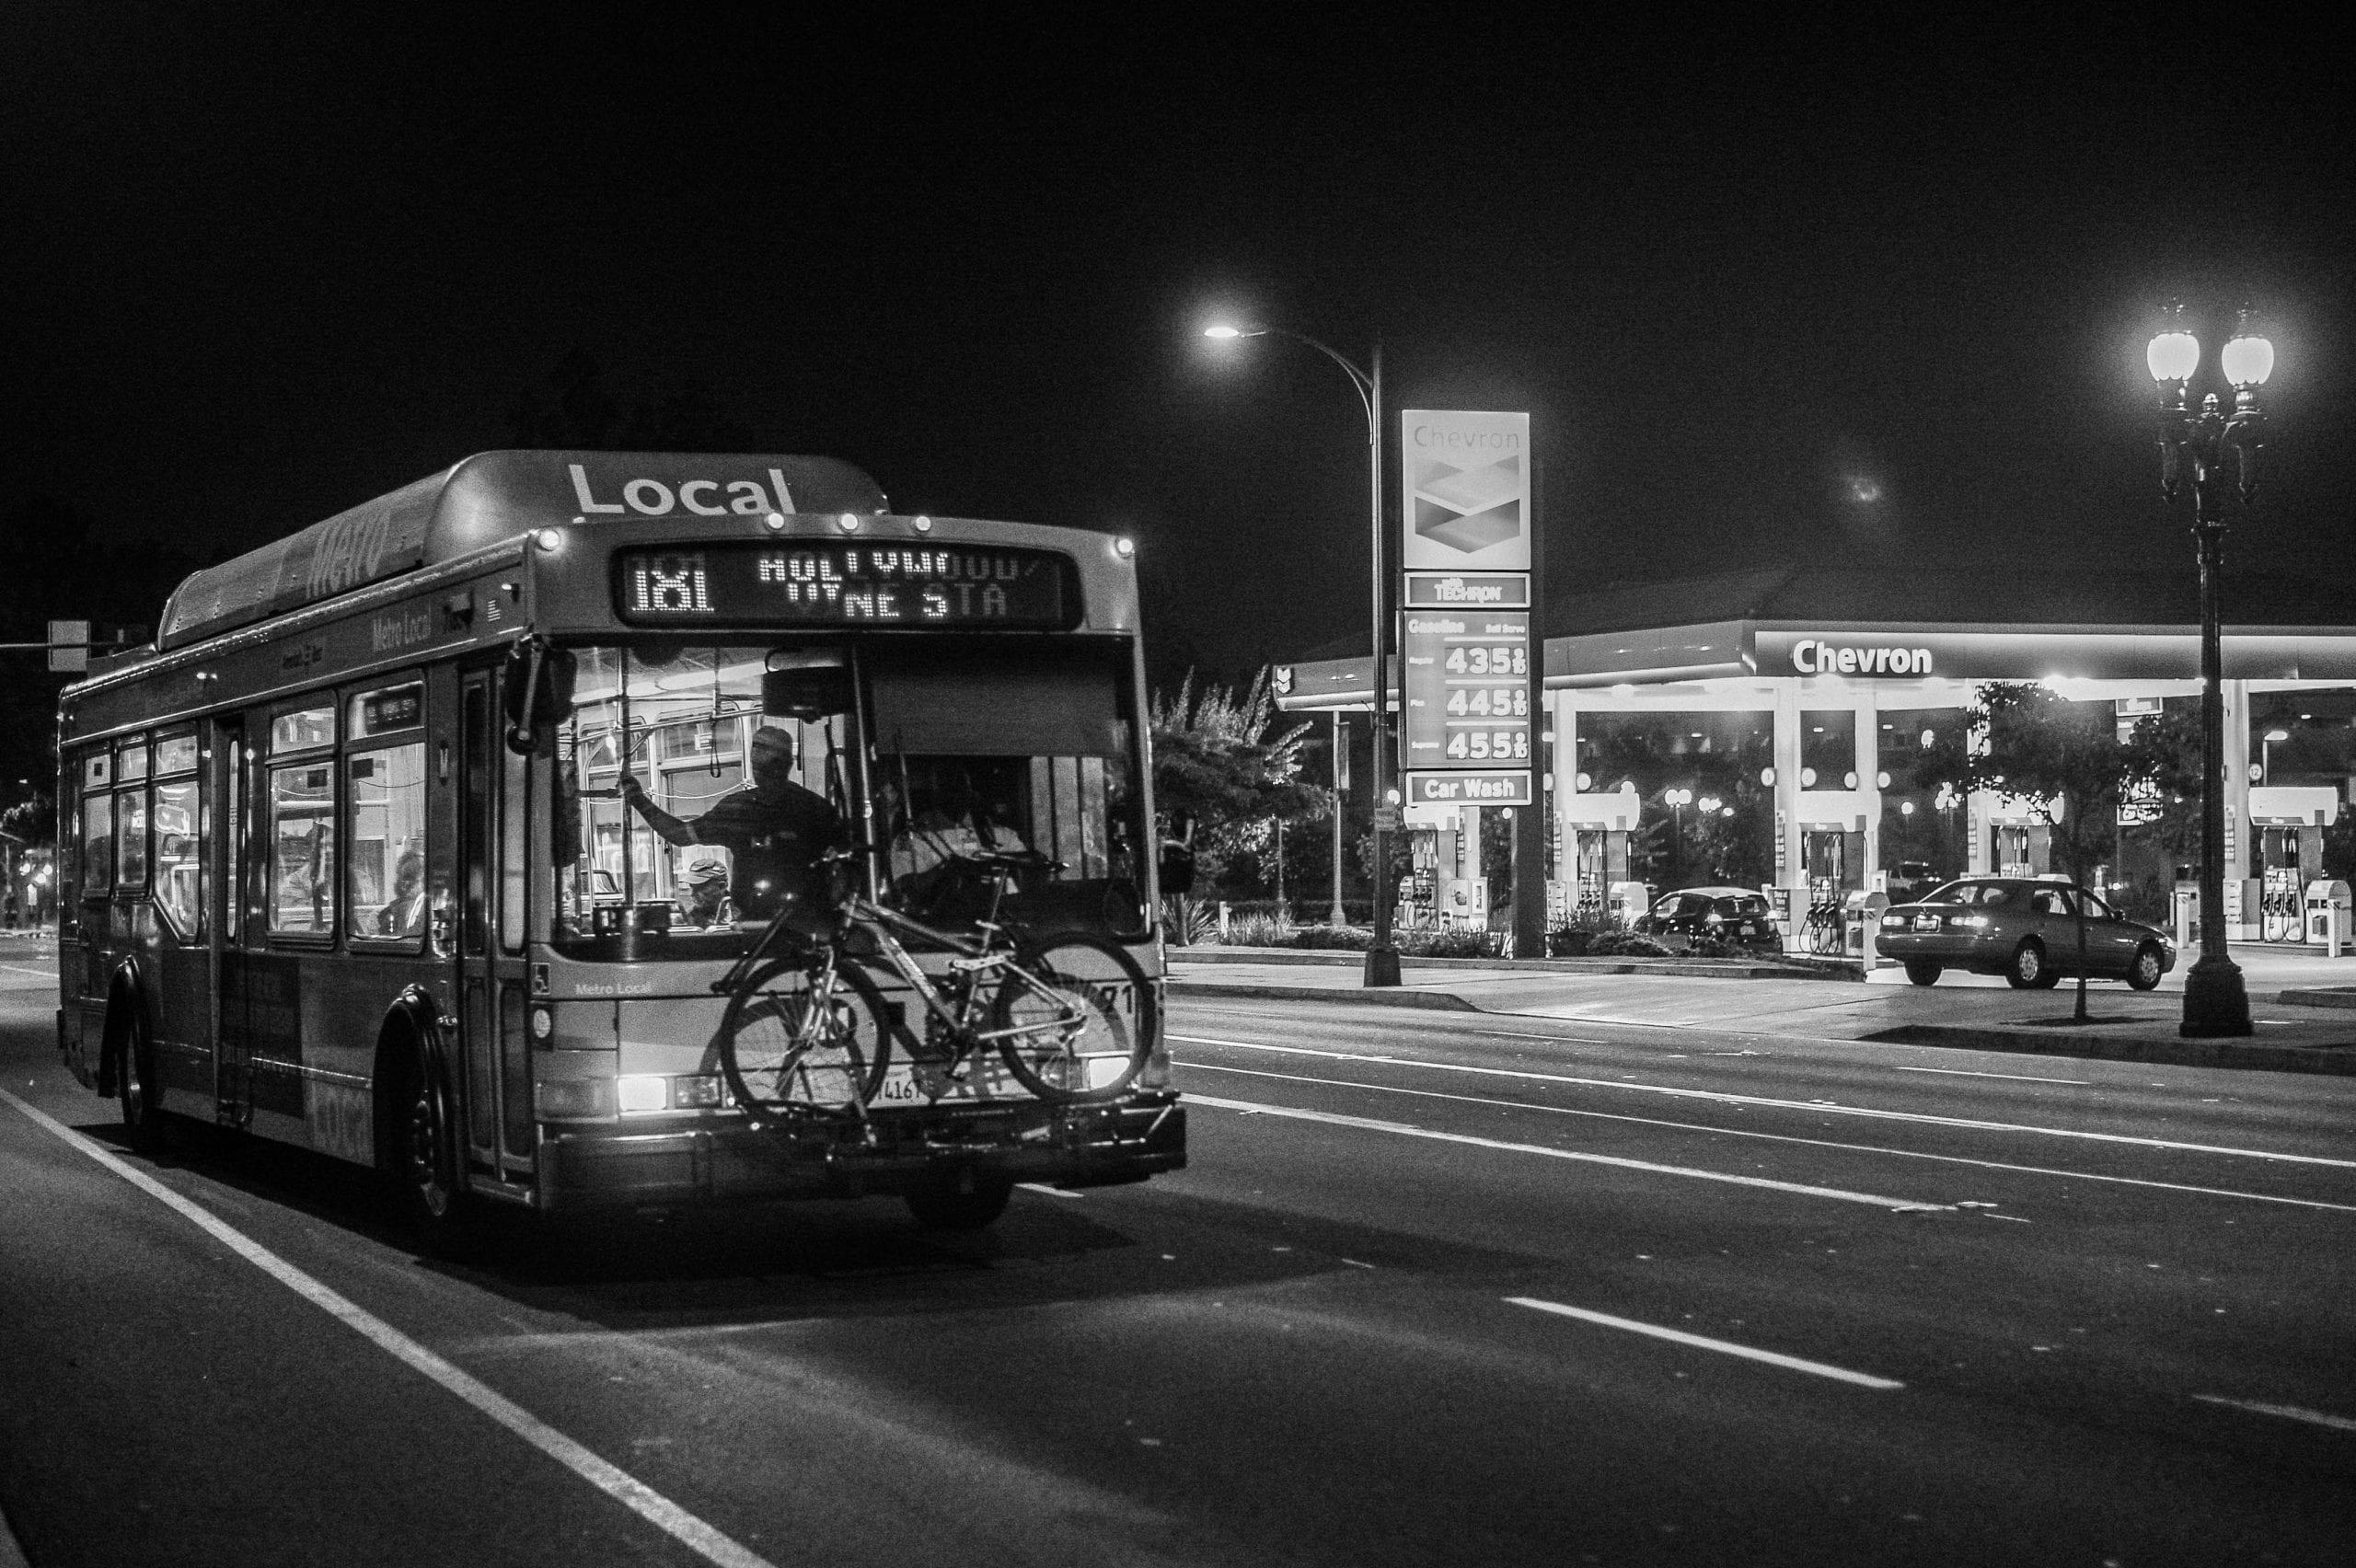 ART OF TRANSIT: The Metro 181 on Colorado Boulevard in Pasadena. Photo by Steve Hymon/Metro.